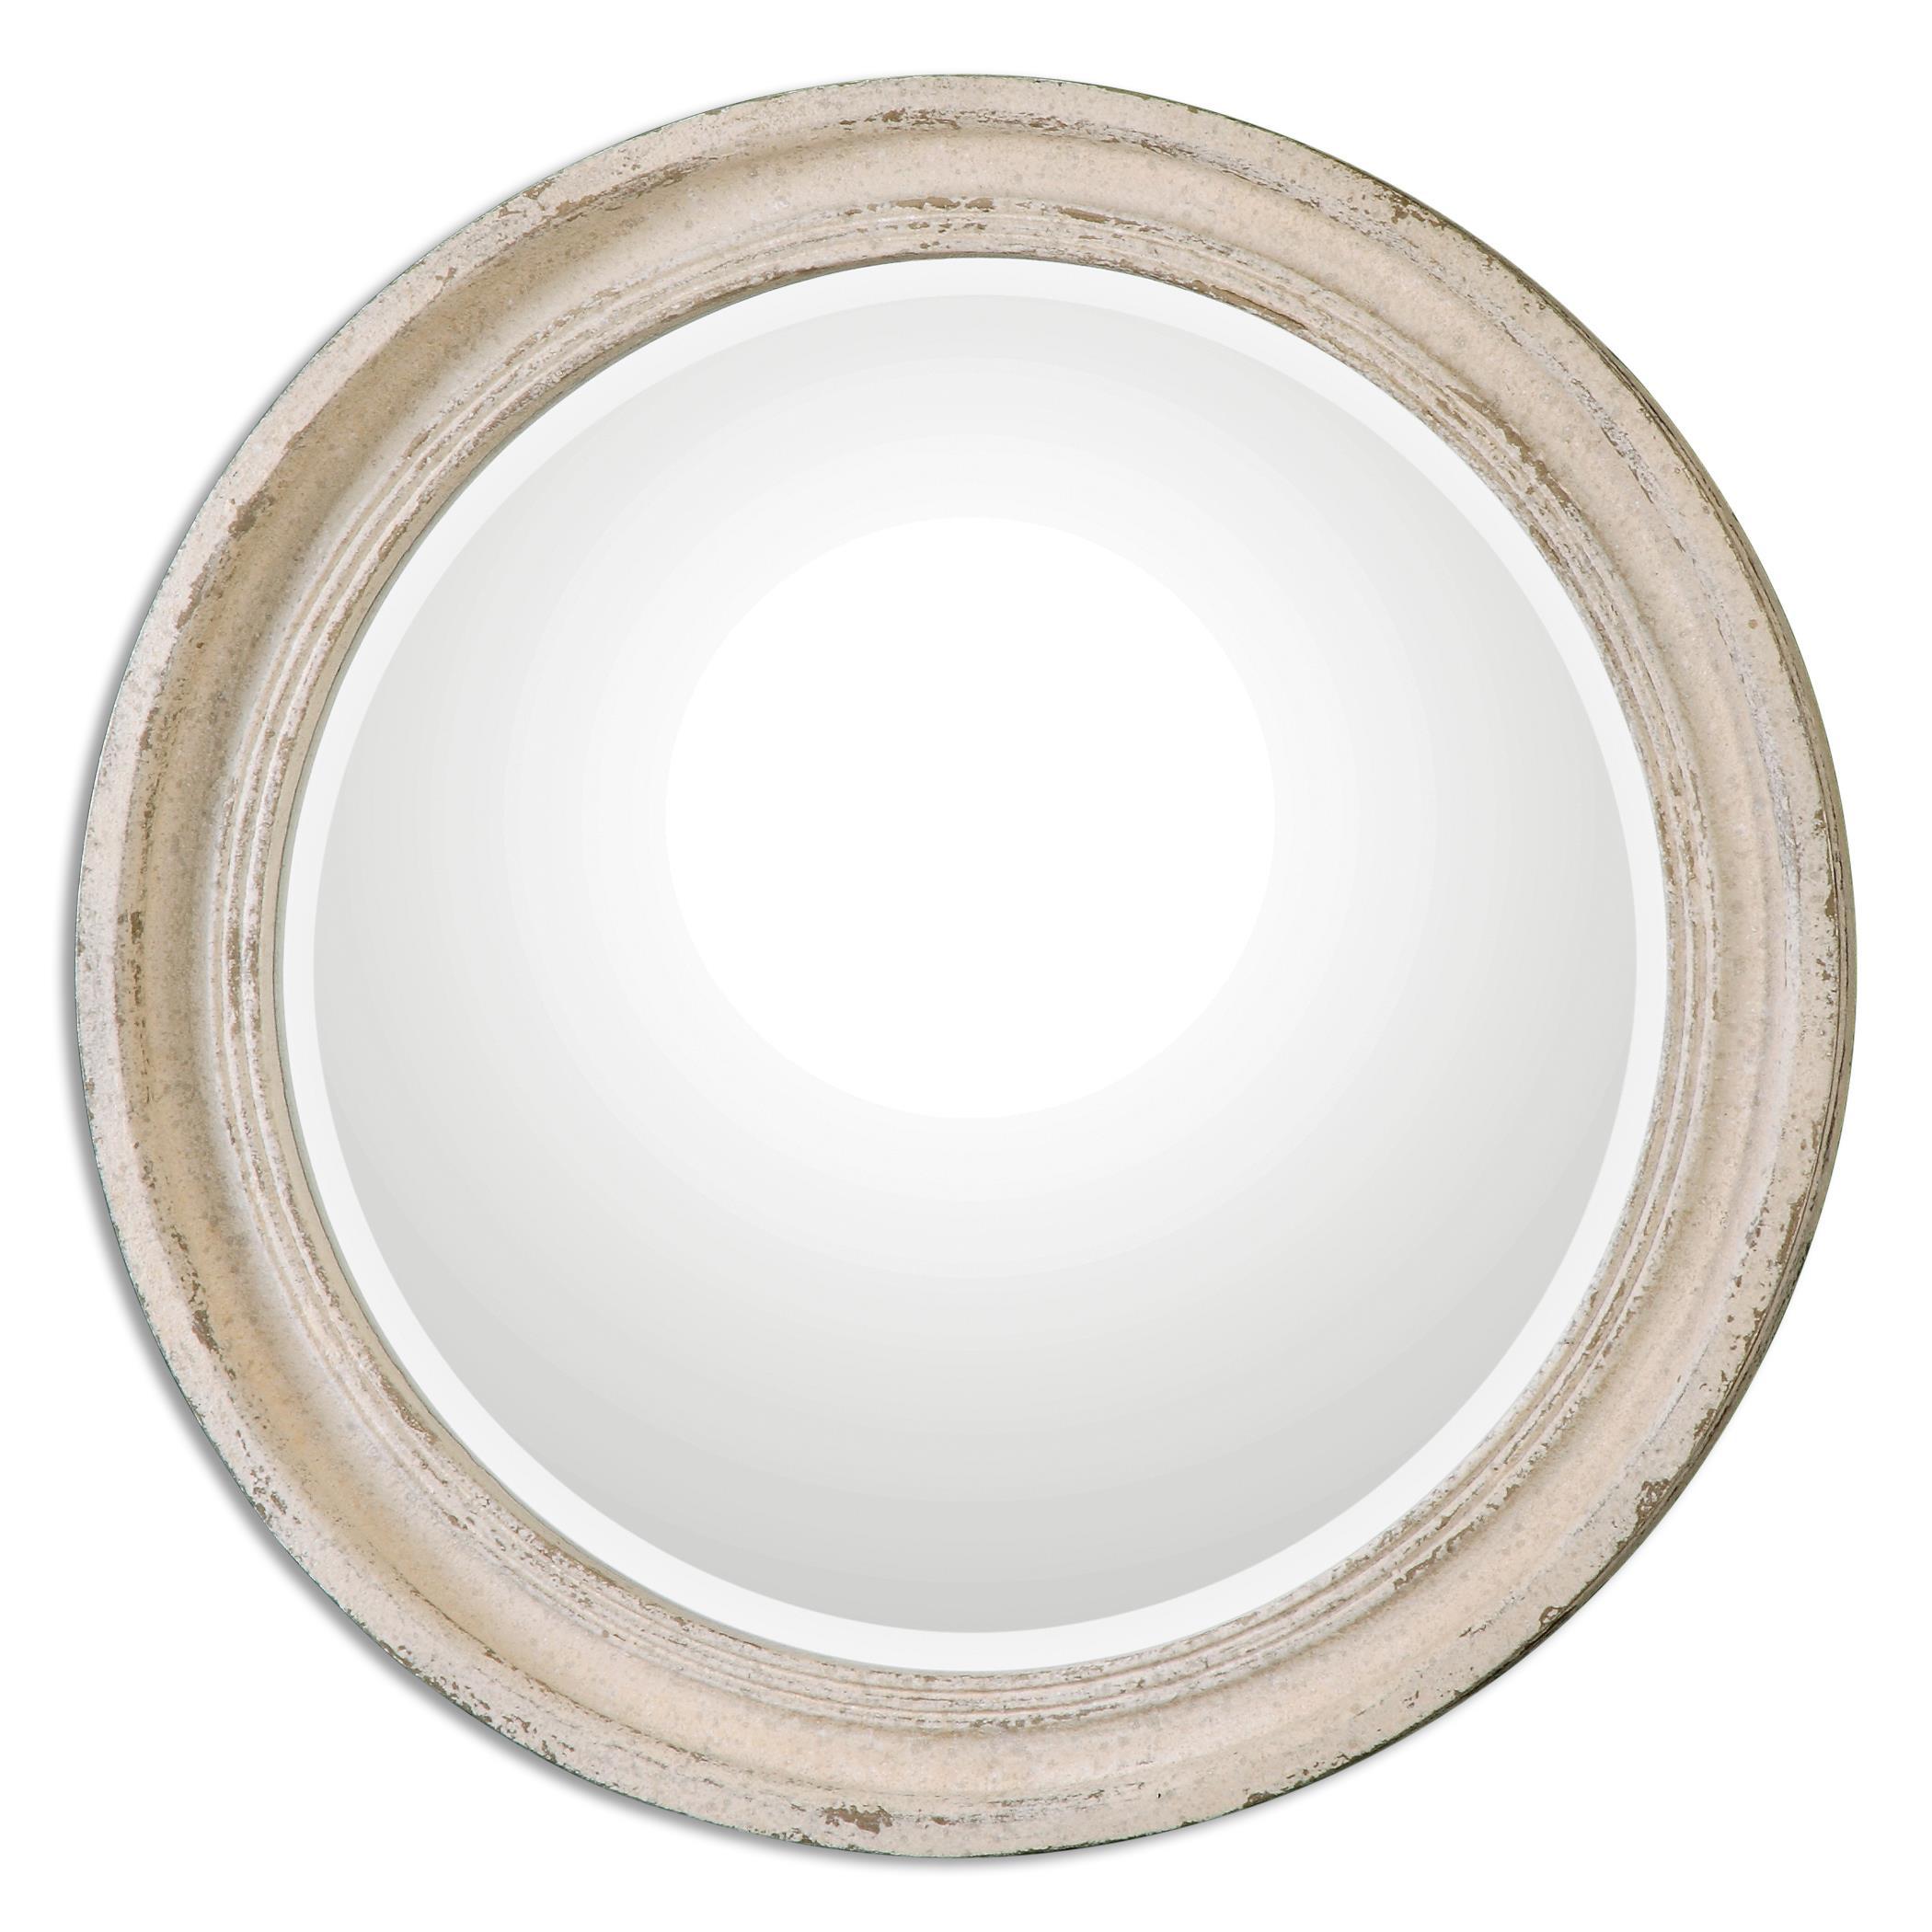 Uttermost Mirrors Busalla Ivory Round Mirror - Item Number: 13904